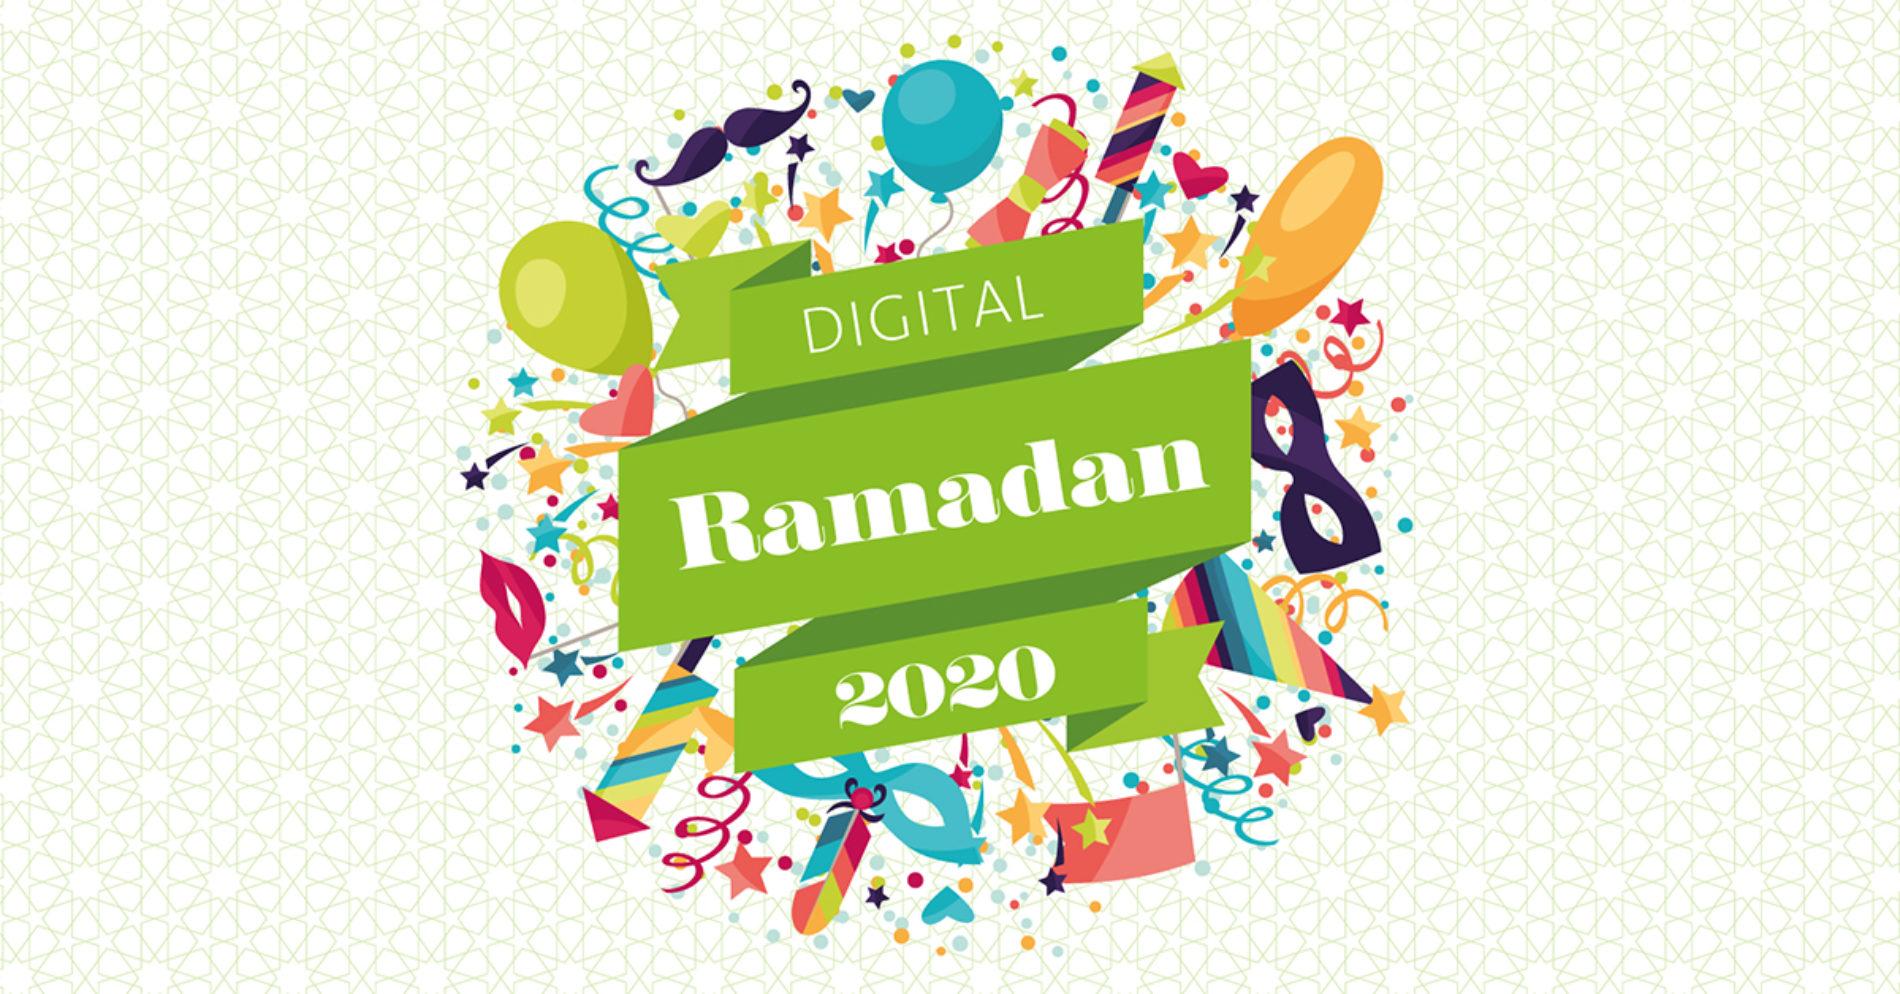 Digital Ramadan: En säker mötesplats för Sveriges alla muslimer